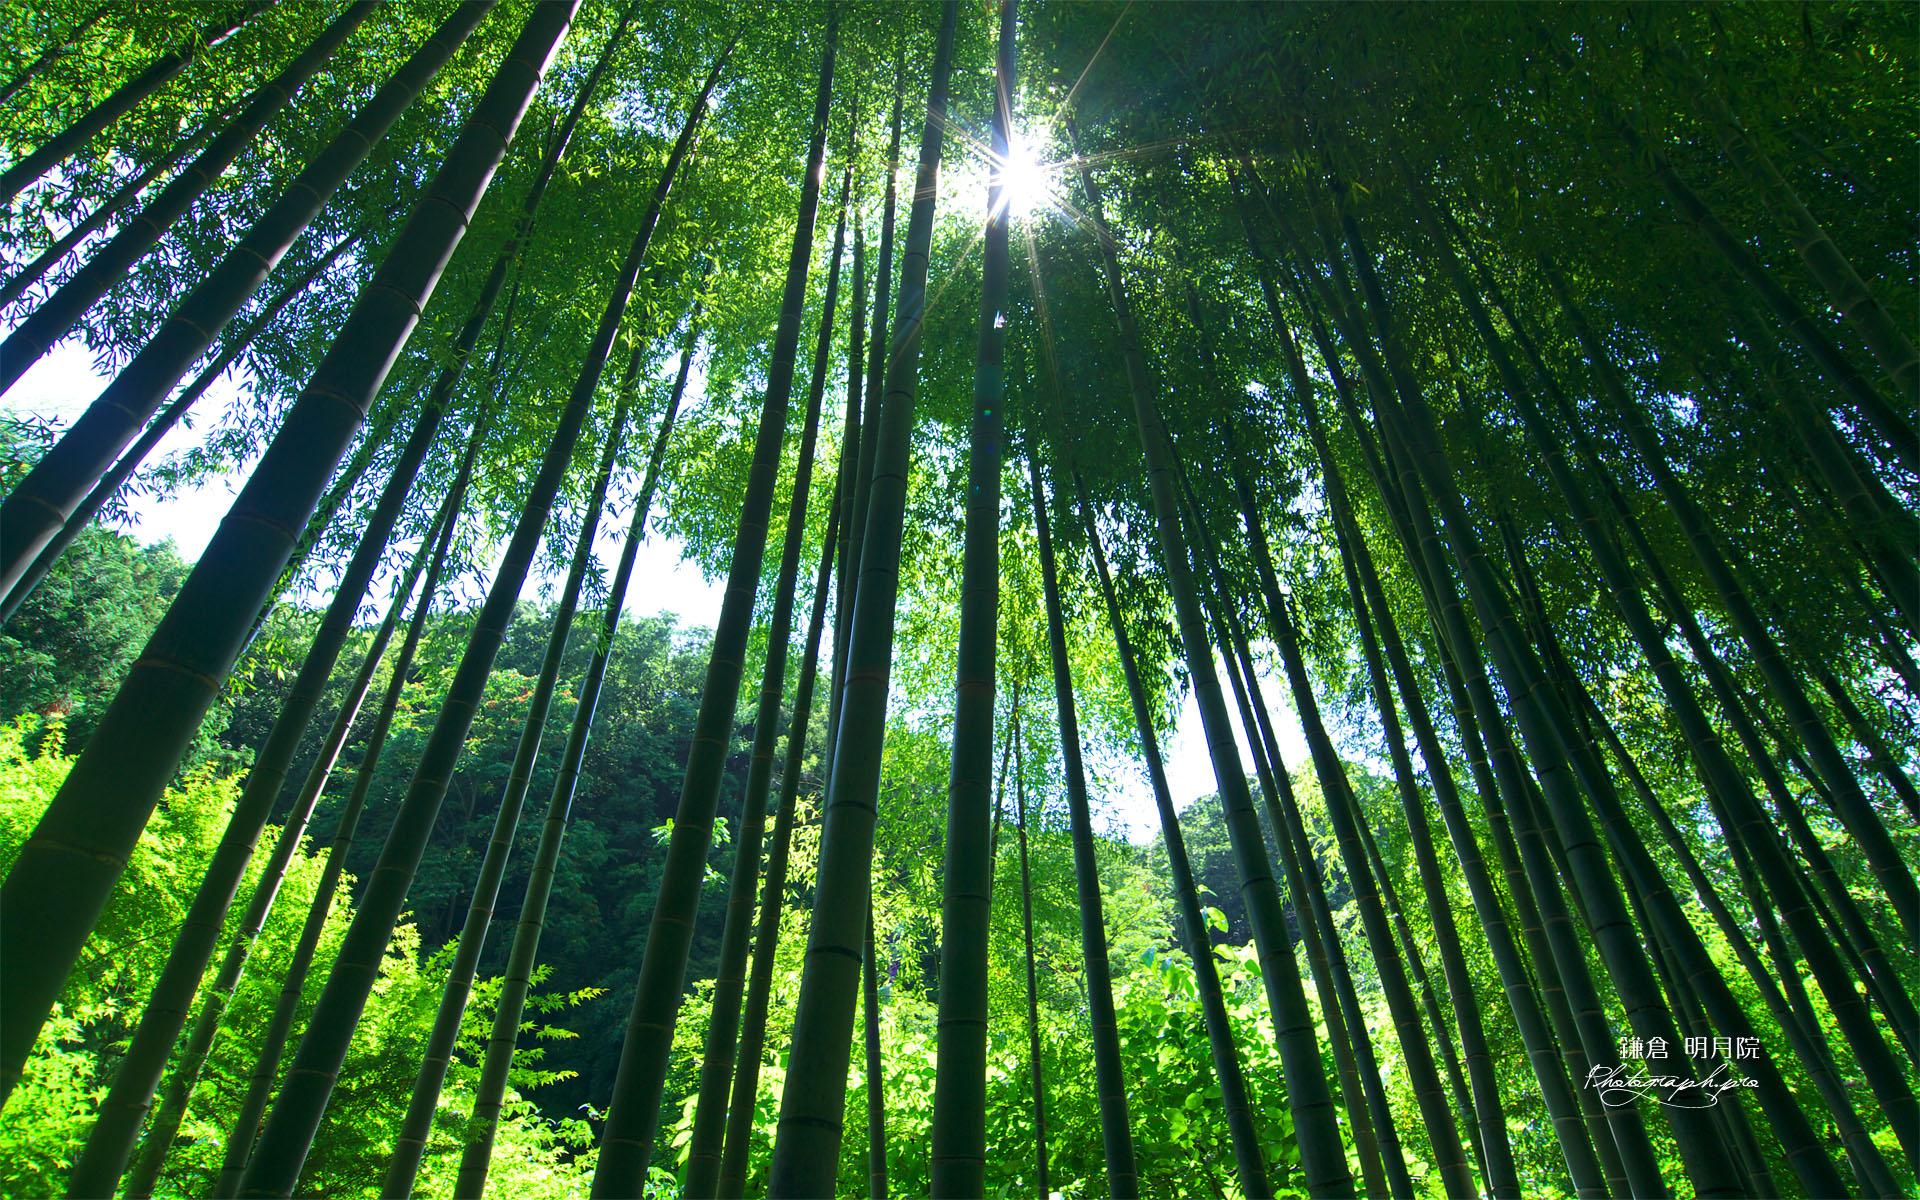 明月院の竹林 の壁紙 19x10